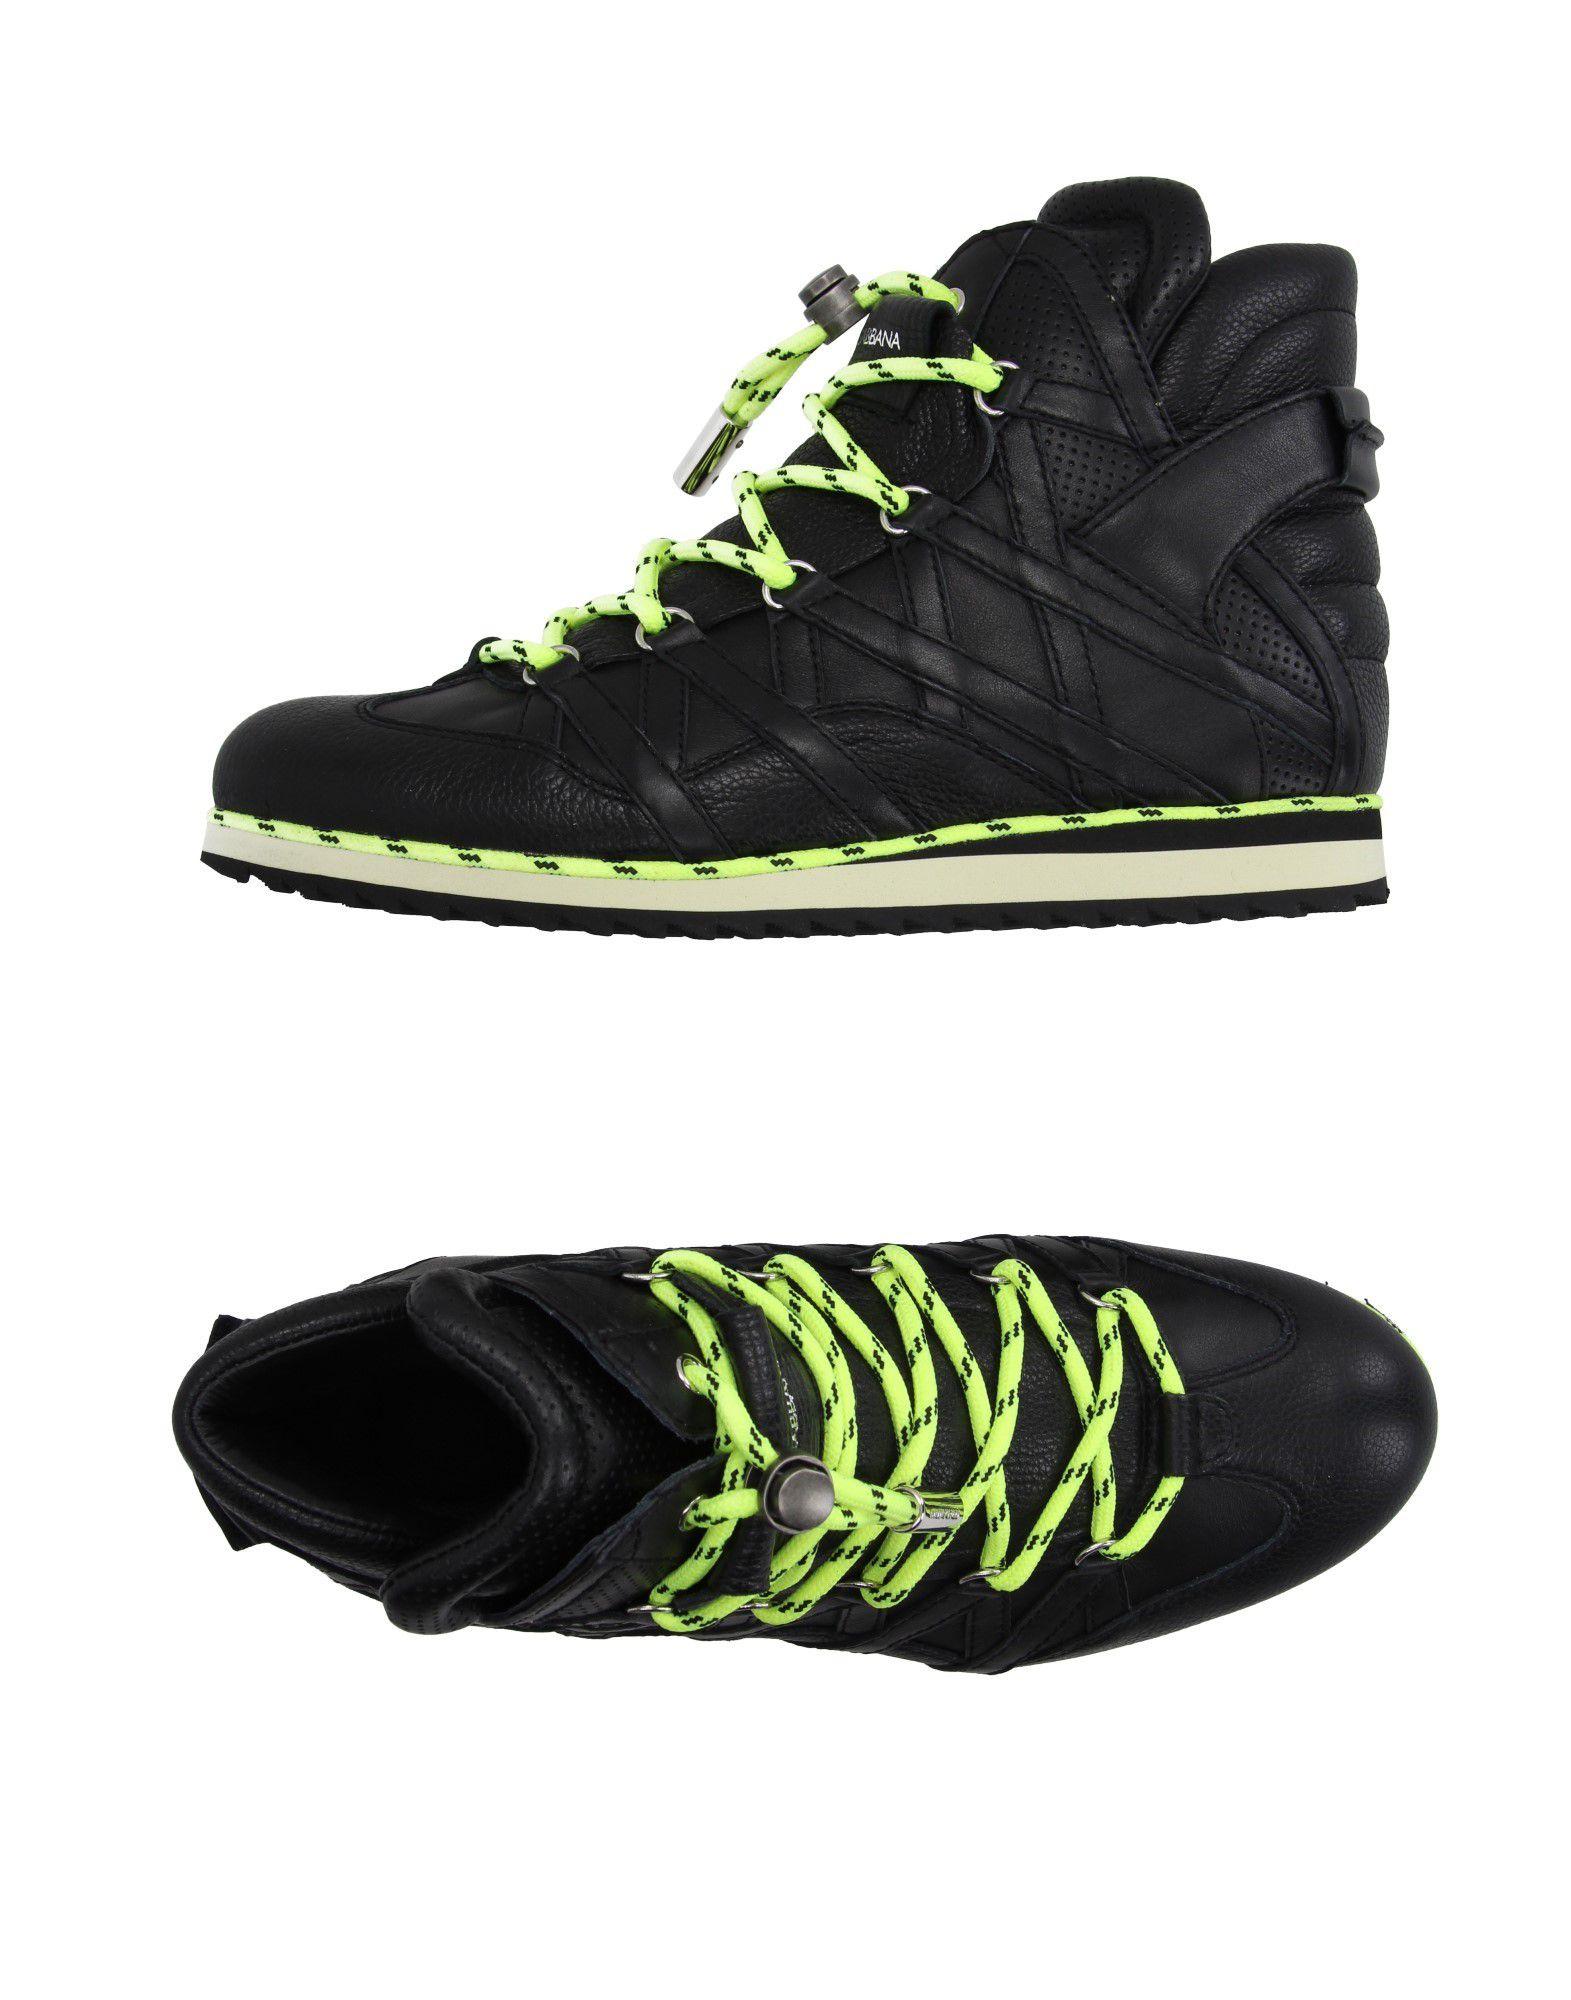 Dolce & Gabbana Sneakers Qualität Herren  11232694HG Gute Qualität Sneakers beliebte Schuhe 6b48a0